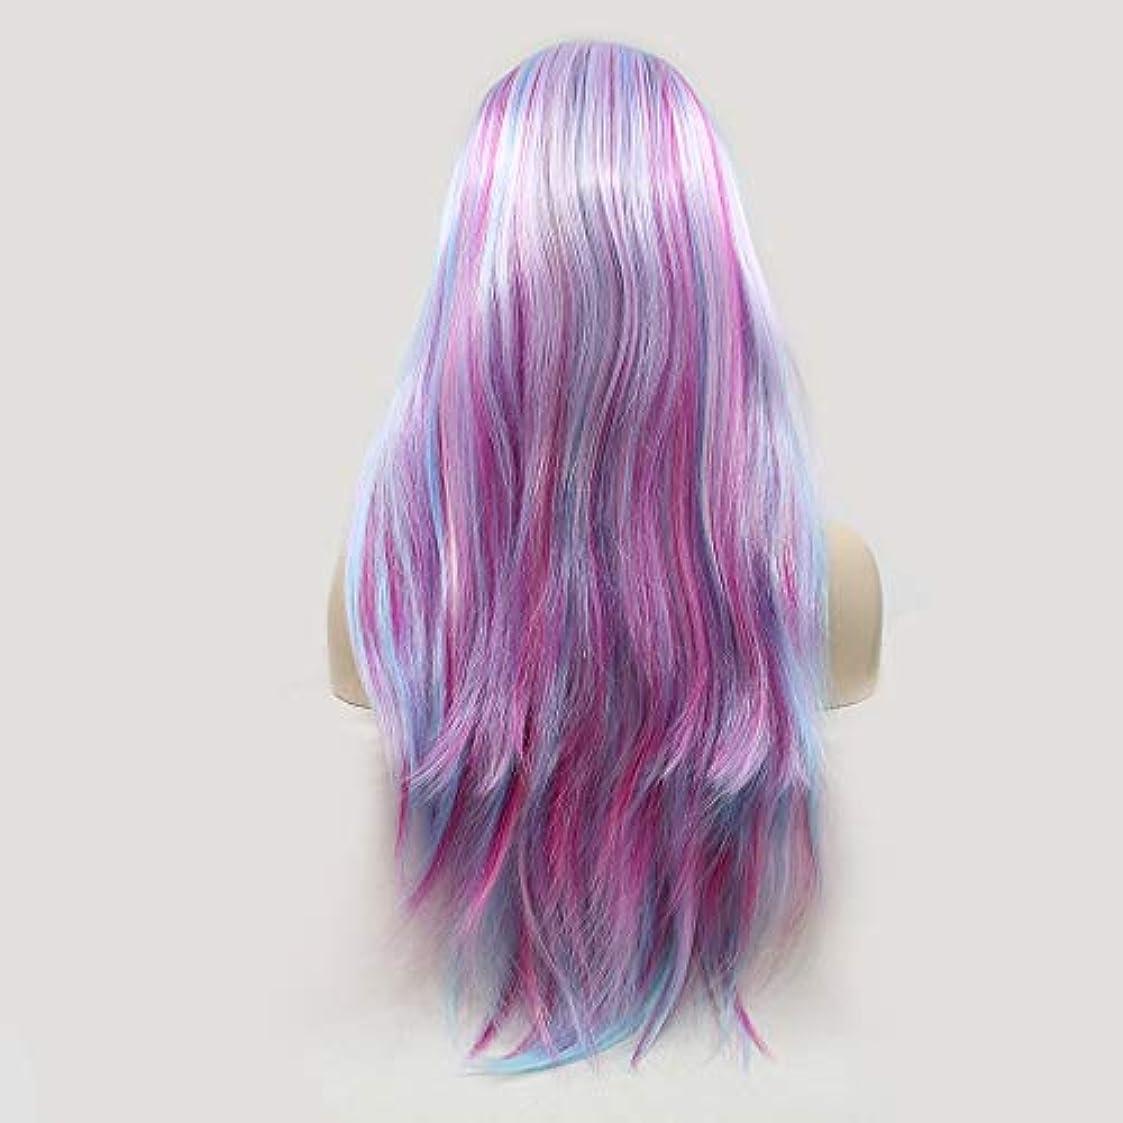 手伝う誠実さ追い出すヘアピース グラデーションカラーの長い巻き毛の手作りレースヨーロッパとアメリカのかつらウィッグ髪に設定